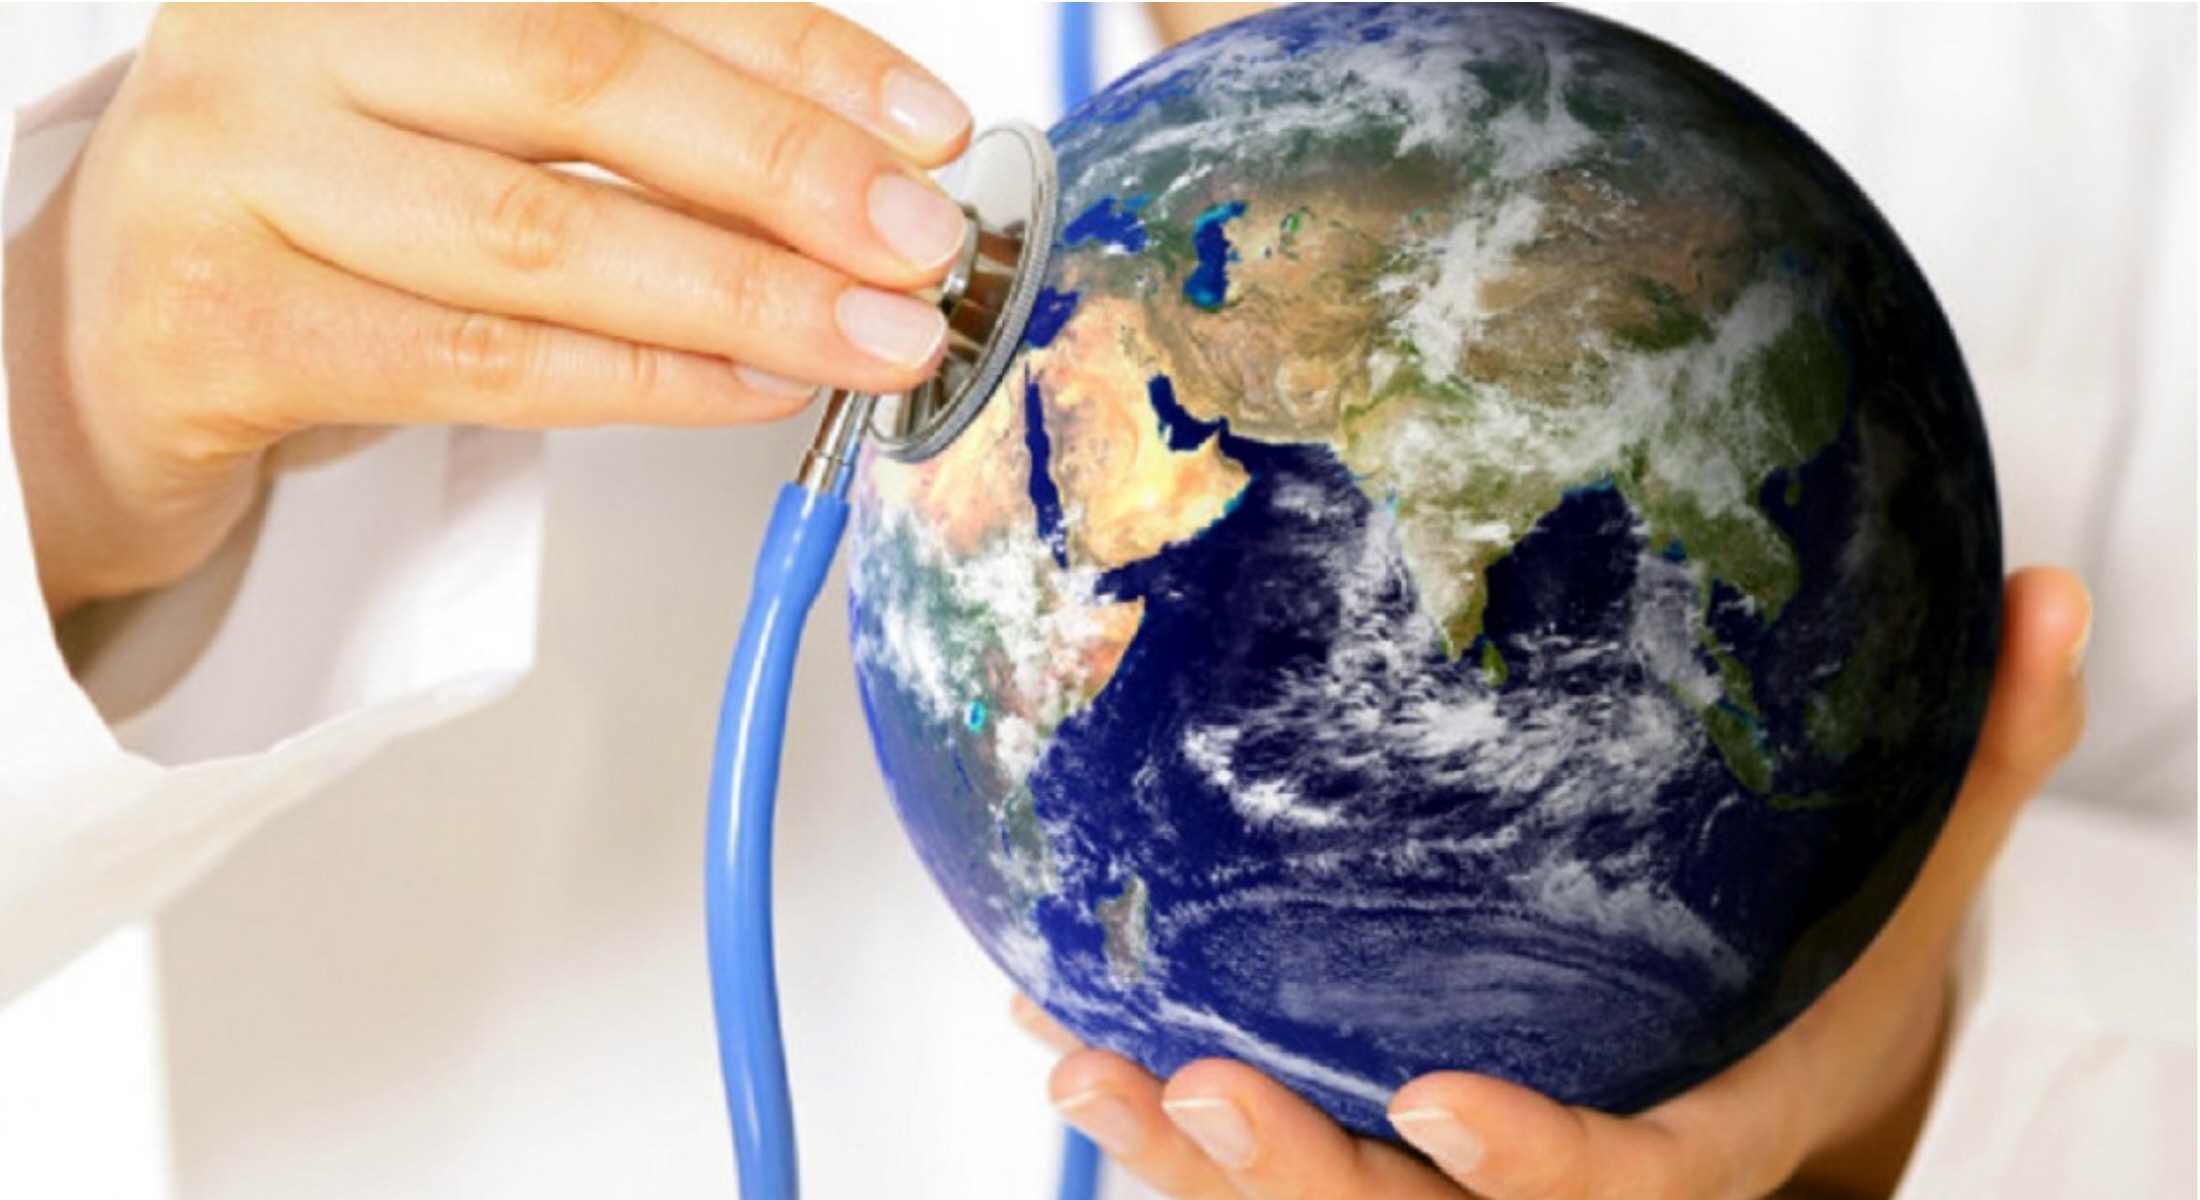 Η απειλή για την παγκόσμια υγεία, το αντιεμβολιαστικό κίνημα και οι προειδοποιήσεις